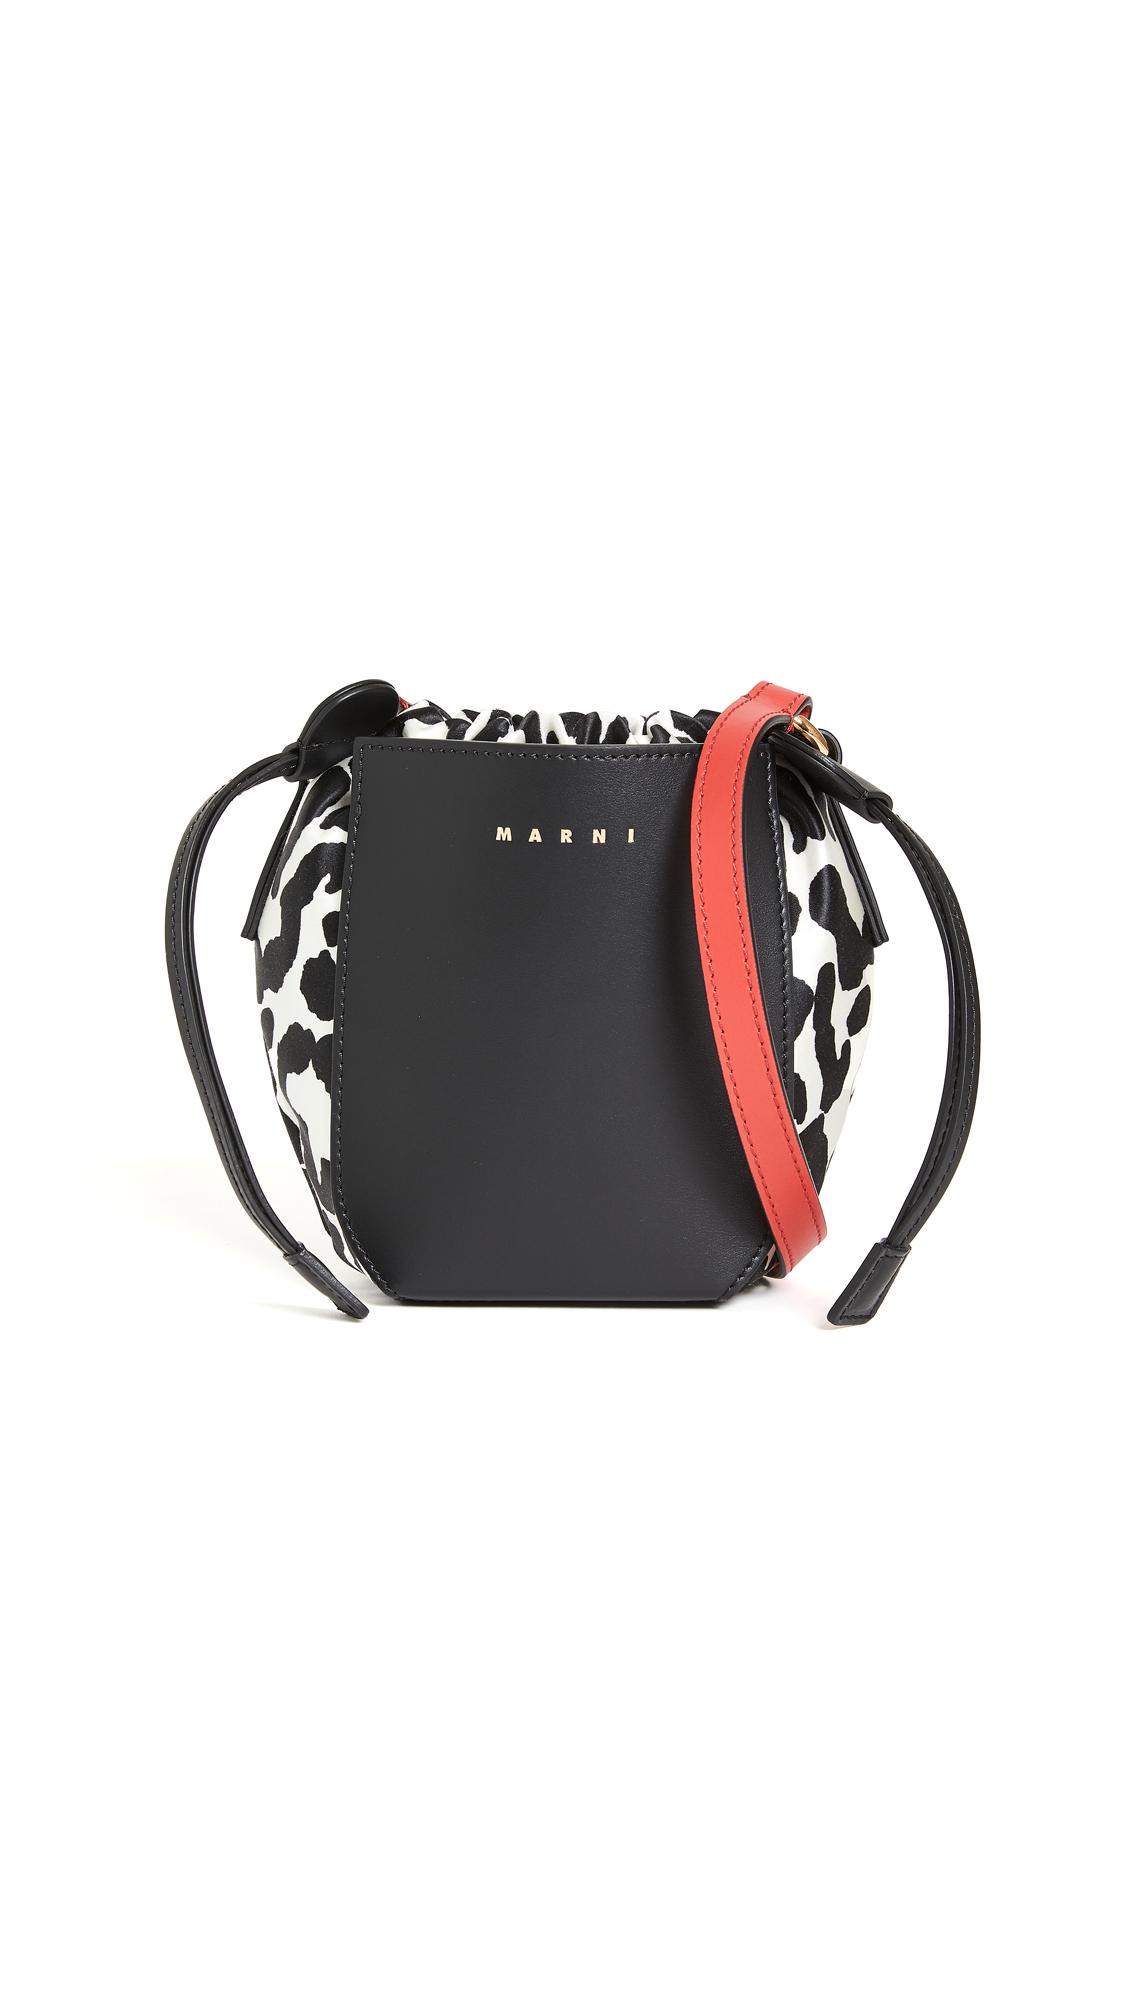 Marni Drawstring Shopping Bag